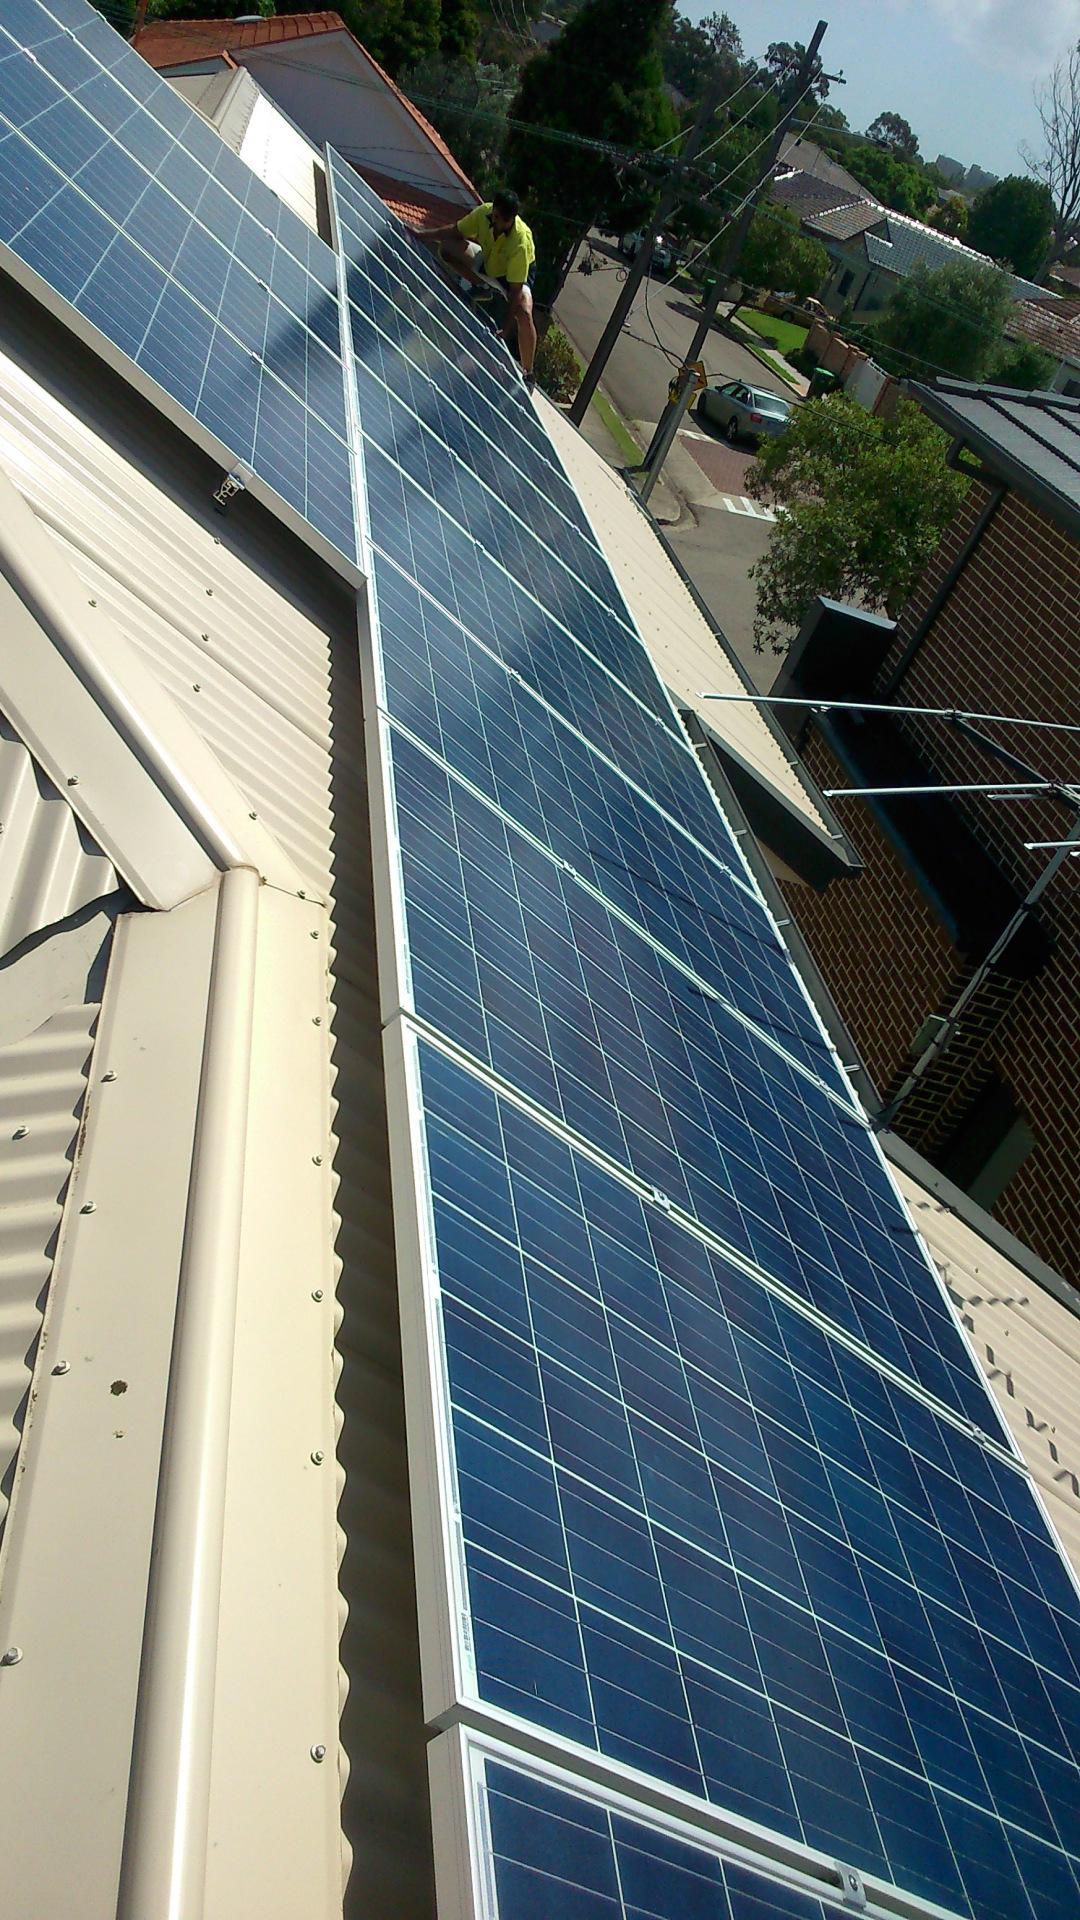 Solar panel penrith